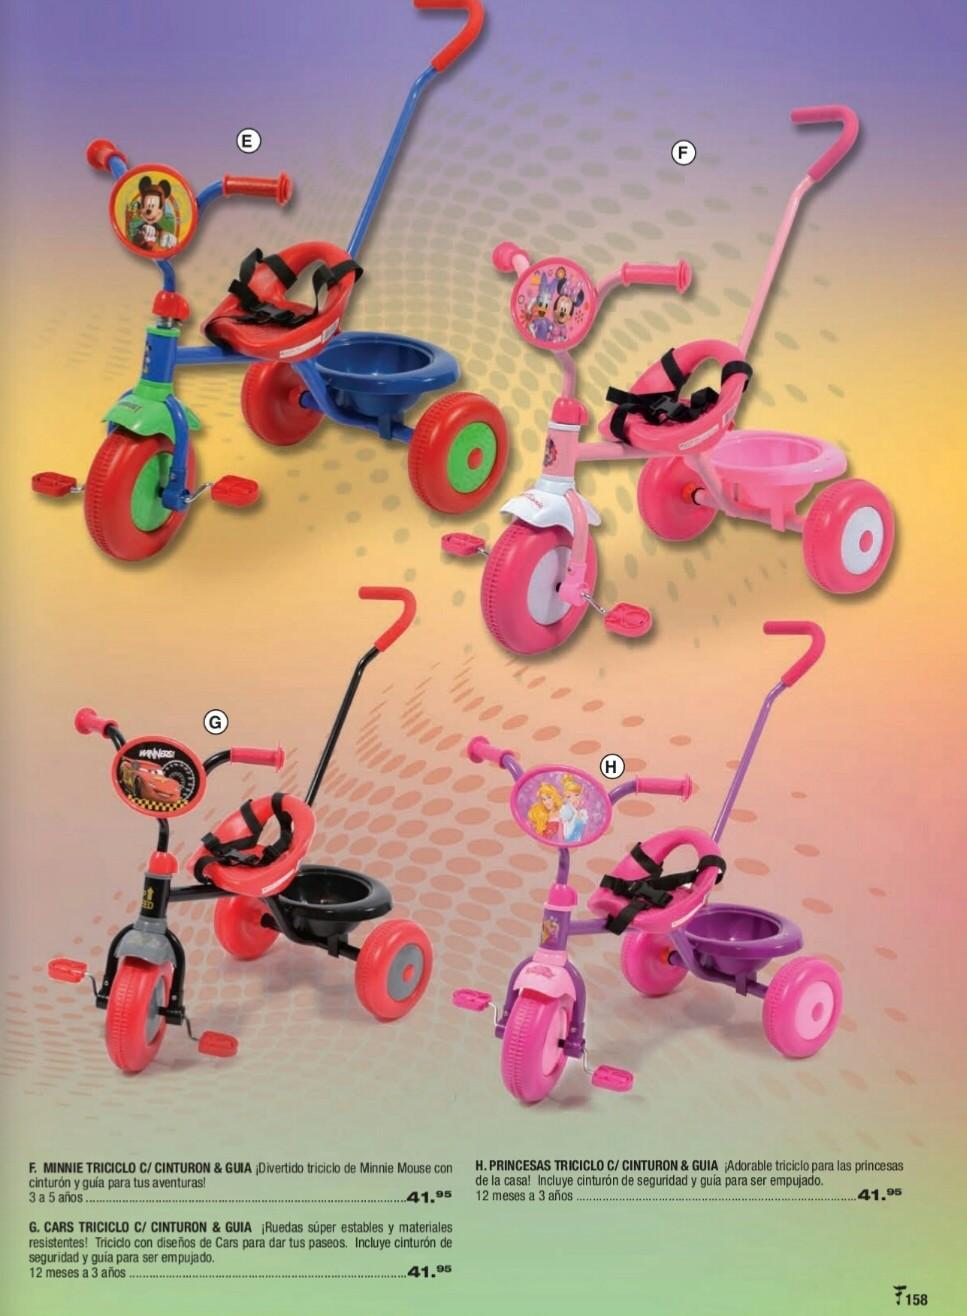 Catalogo juguetes Felix B Maduro 2018 p158